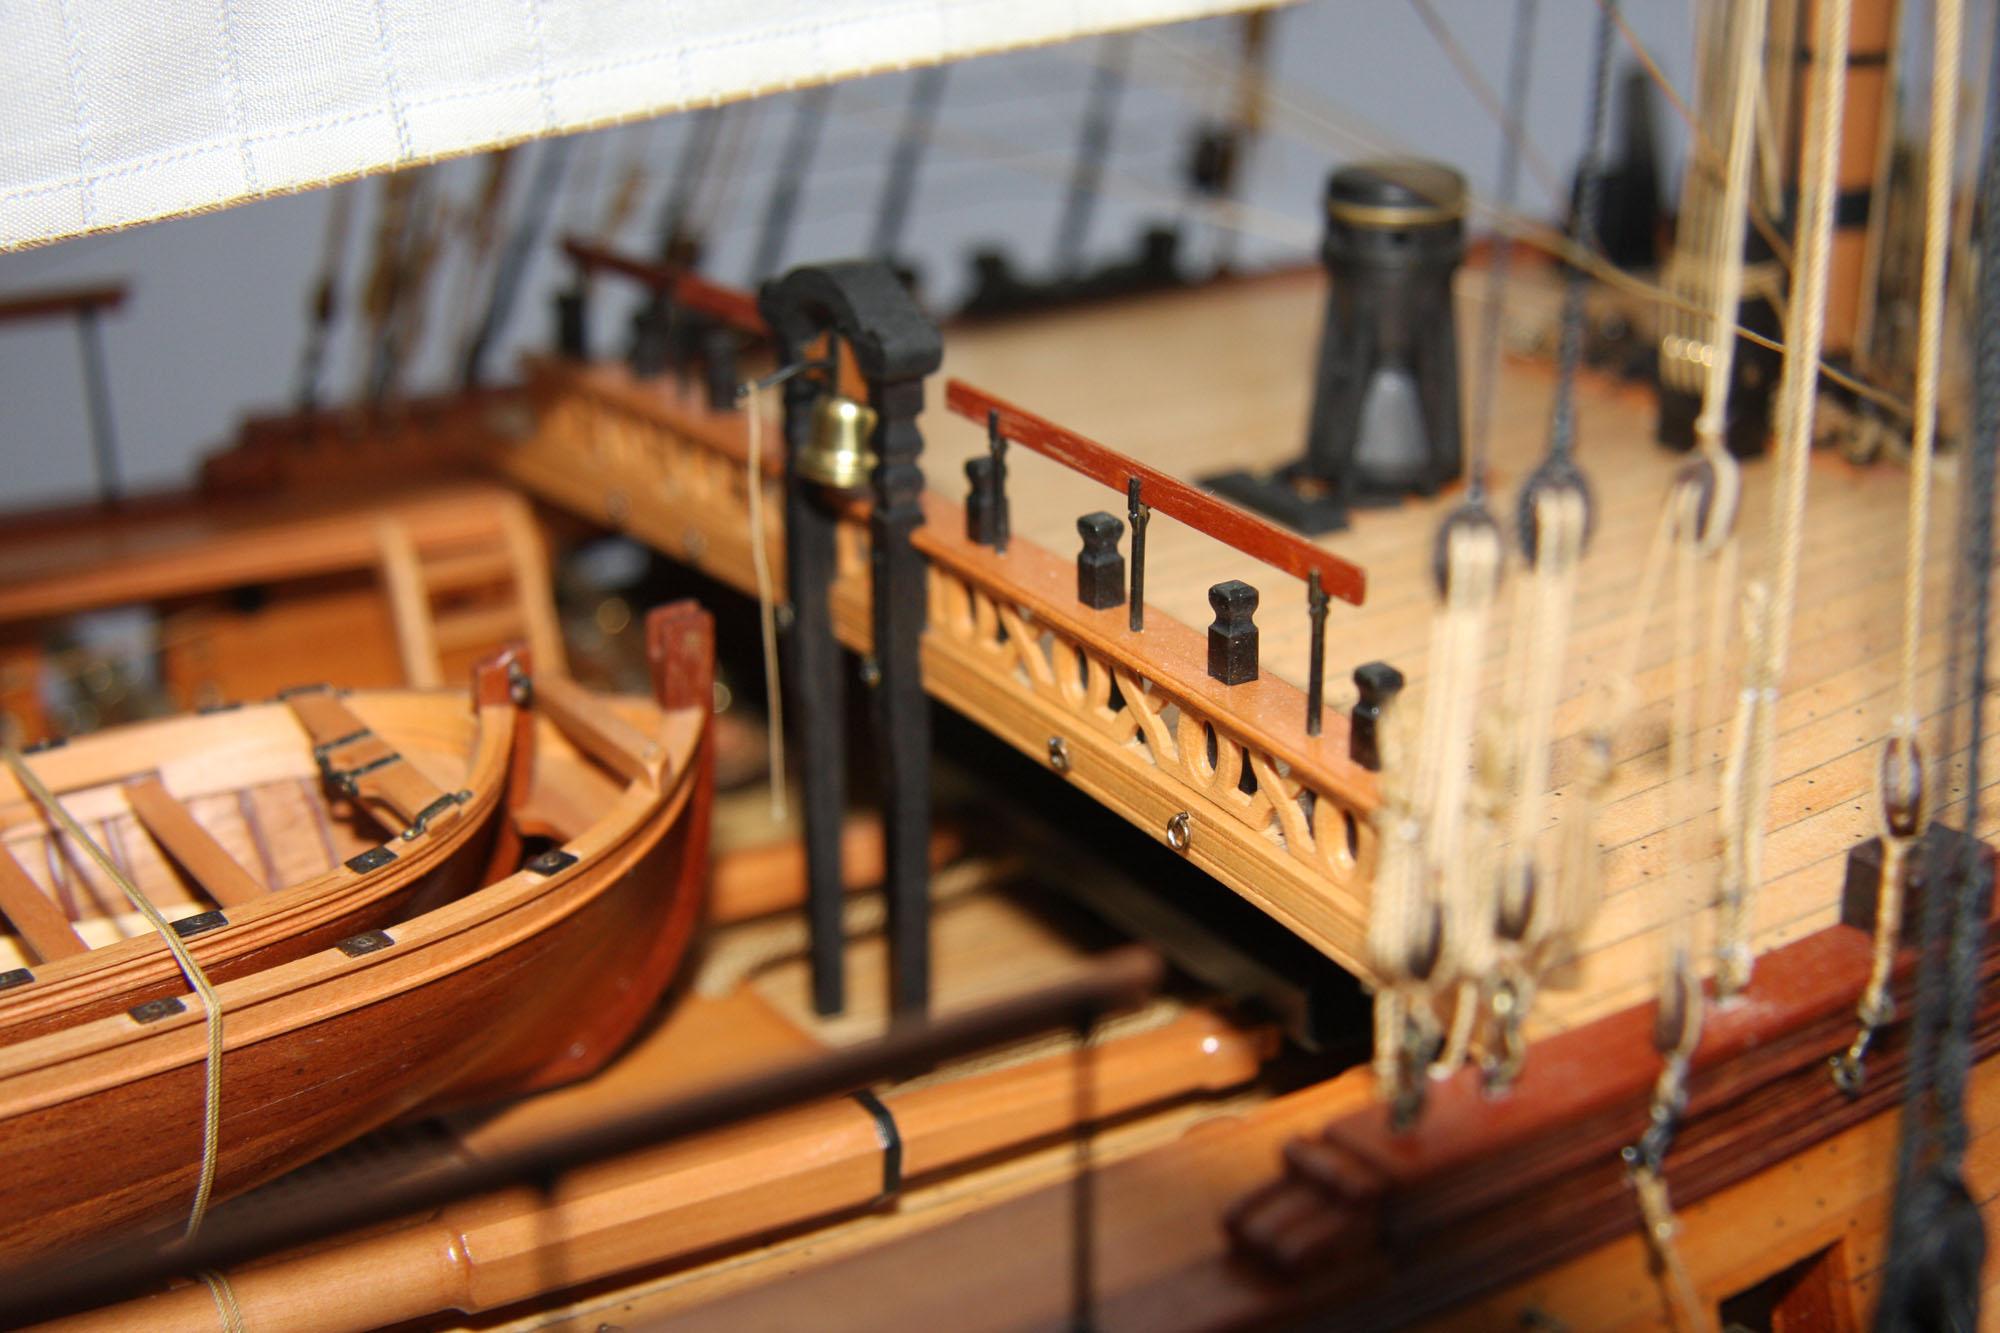 Моделирование моделей кораблей своими руками 99